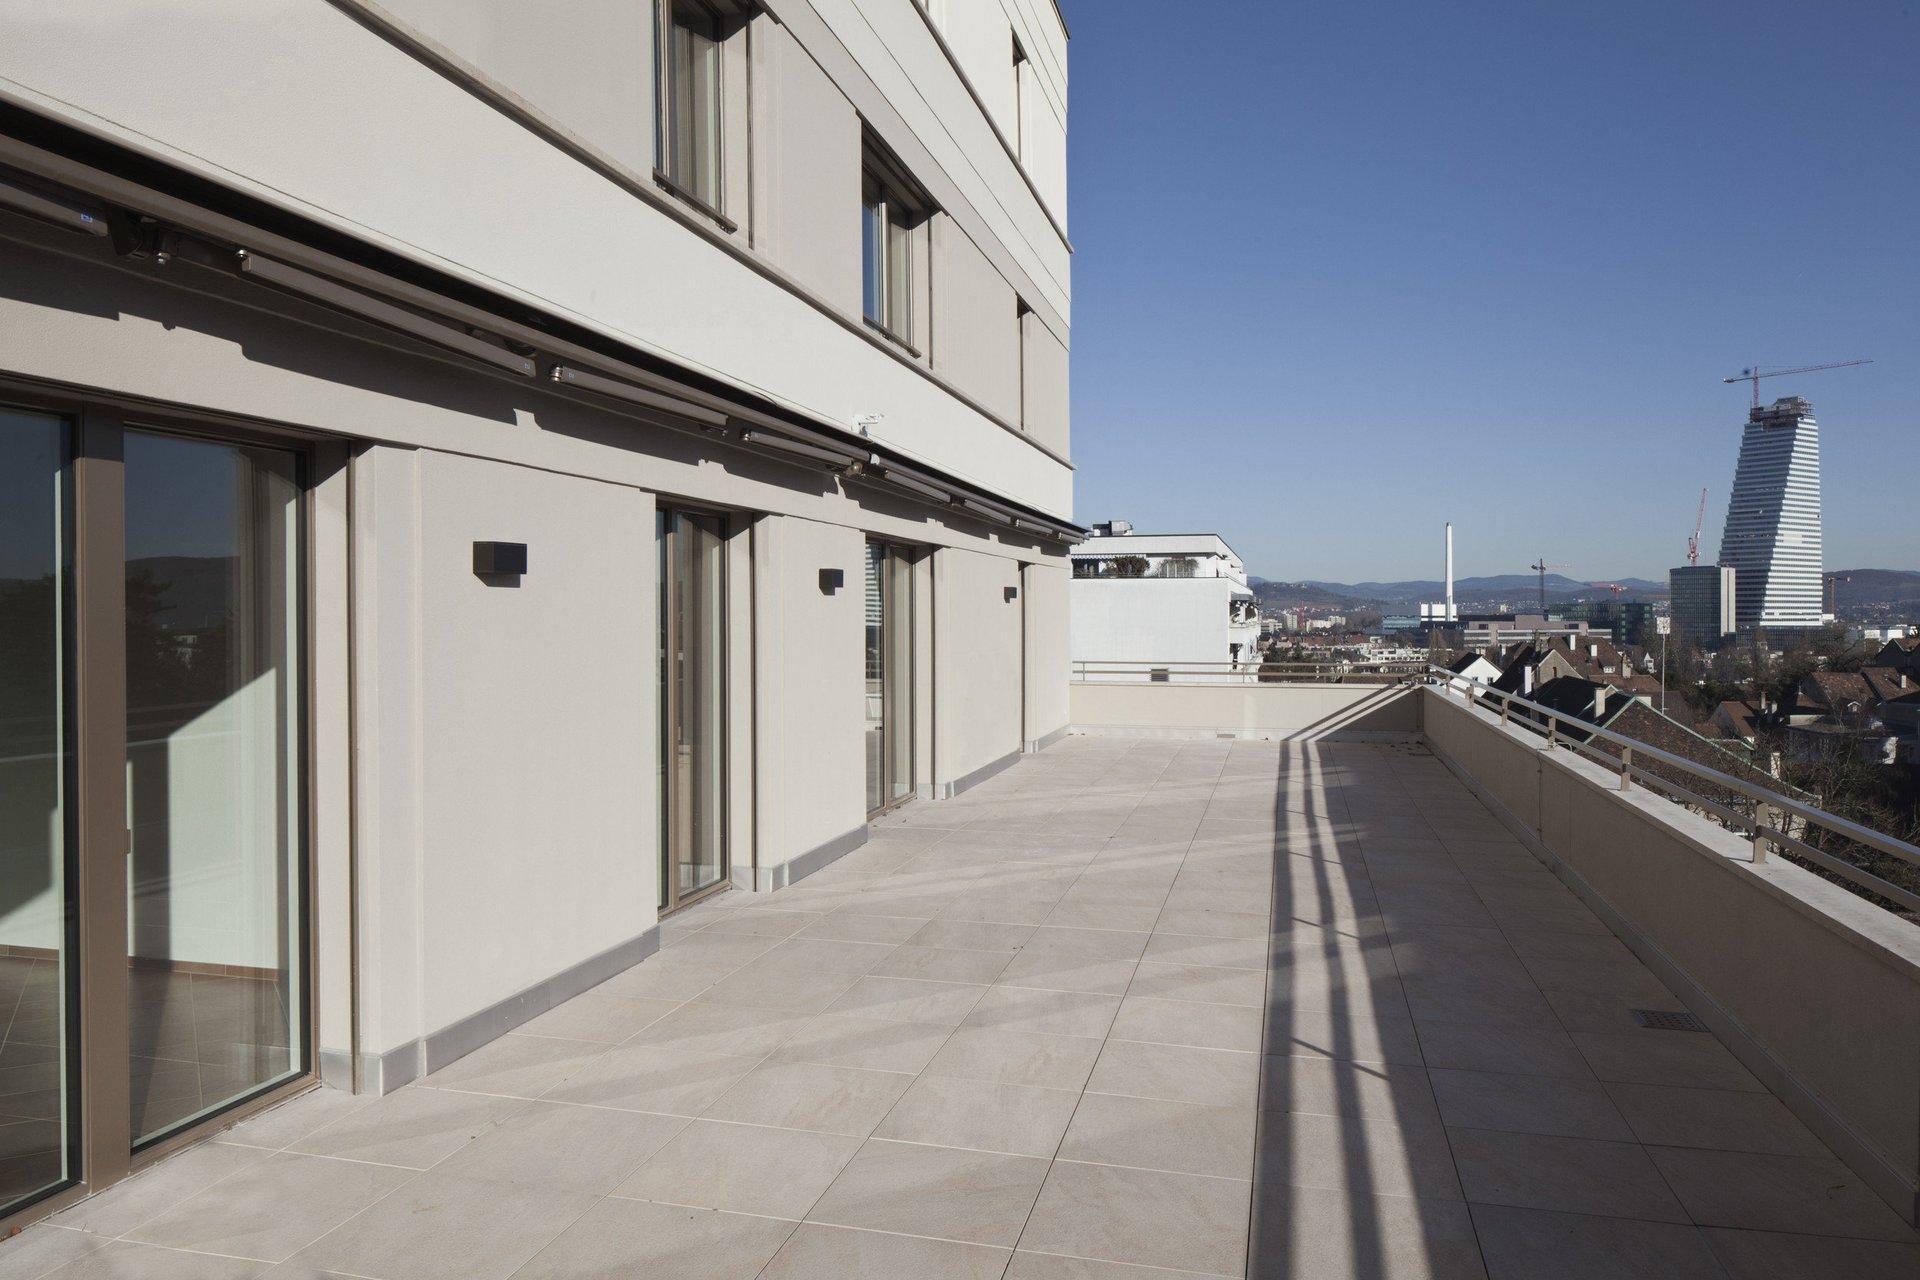 Grosse Terrassenfläche auf mehrstöckigem Wohngebäude